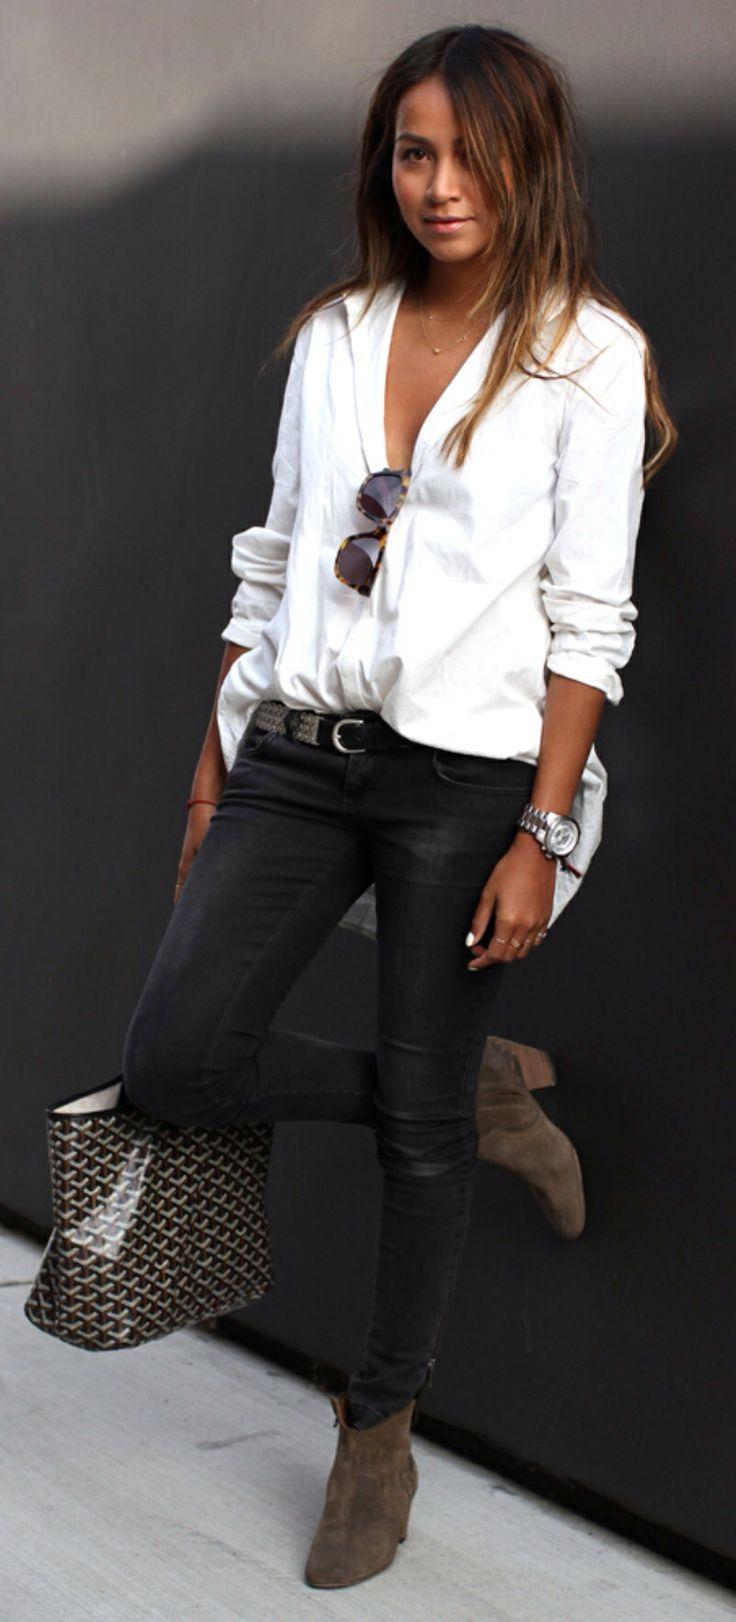 Perfect oversized white shirt, black skinnies